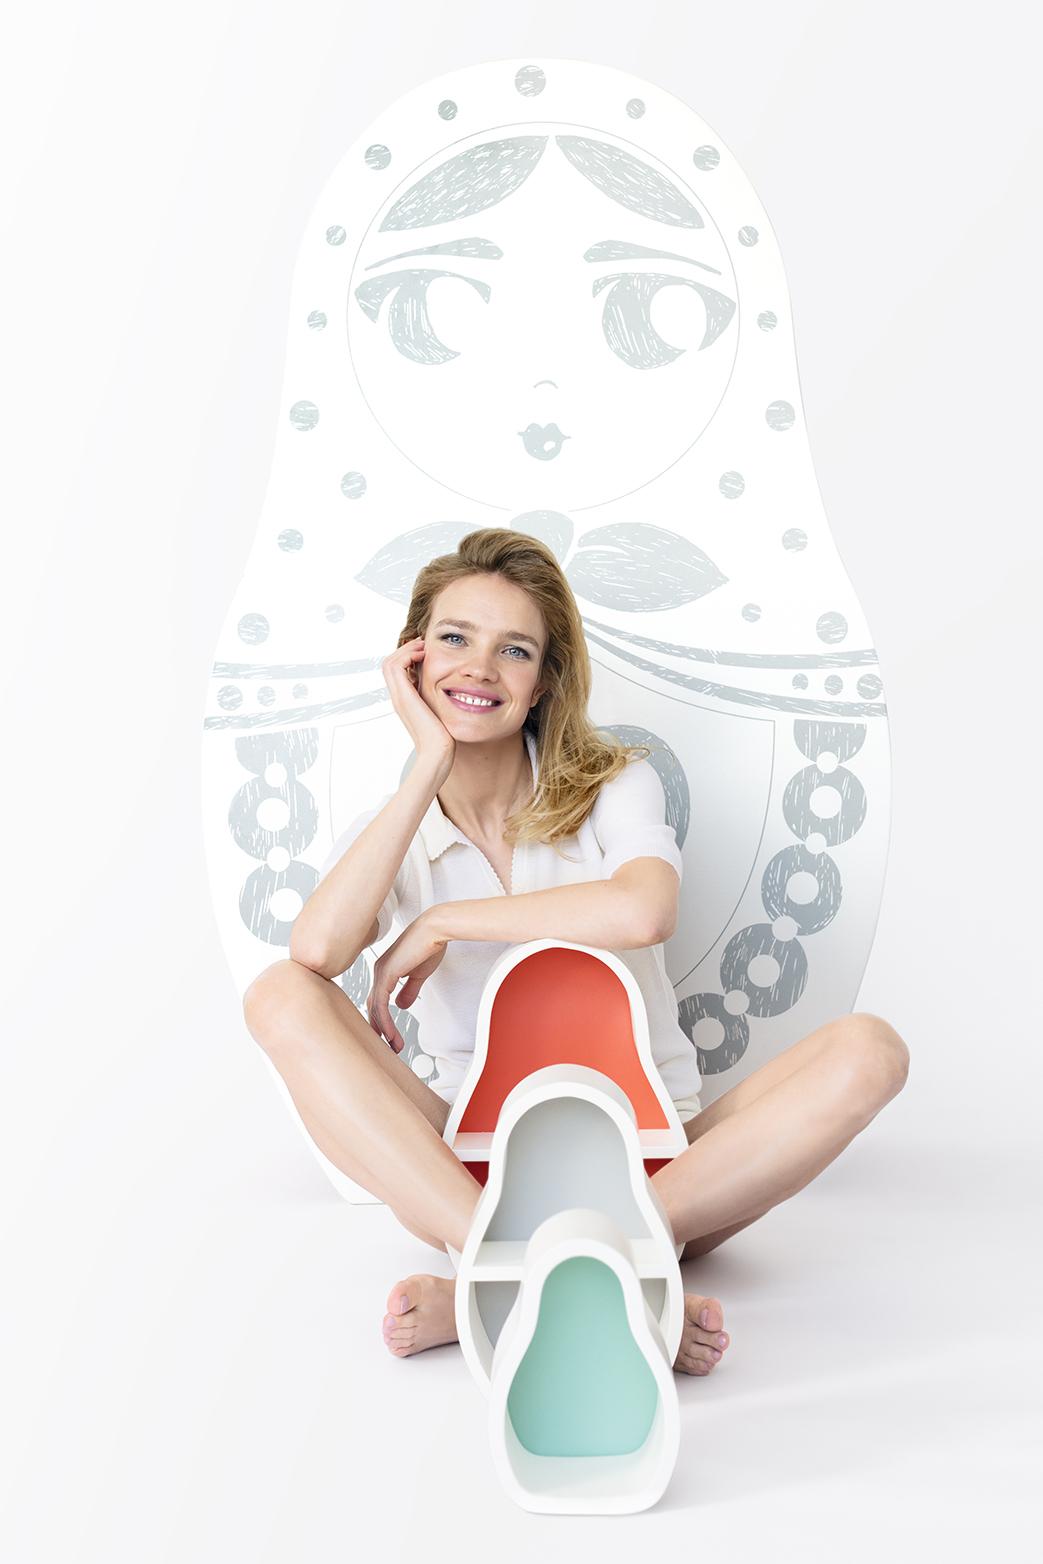 Kindvriendelijke meubels met een Russisch tintje - Made.com - Daily Cappuccino - Lifestyle Blog